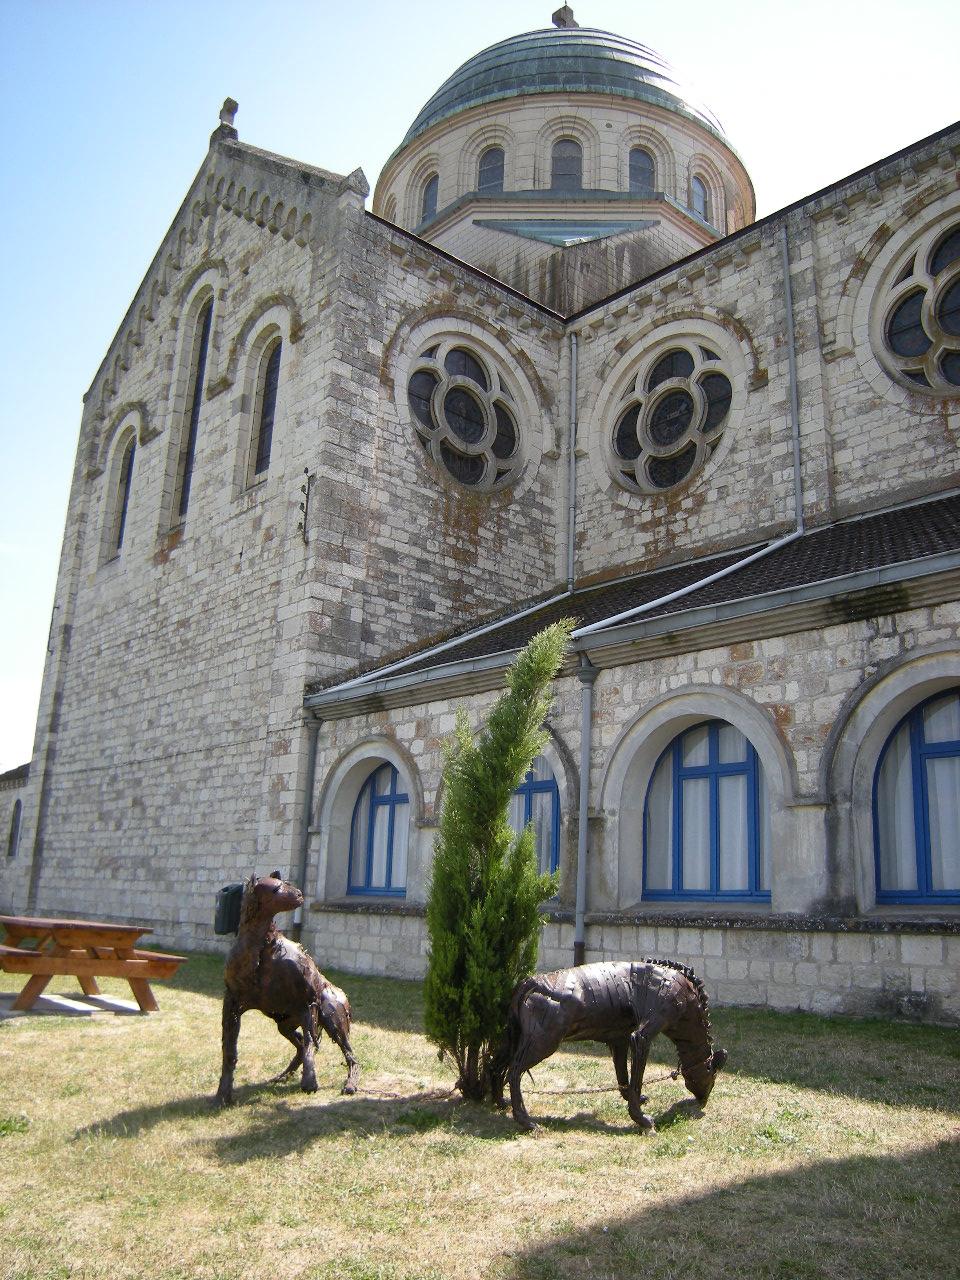 Belbet on the Ground (Gastaldi/Castel)